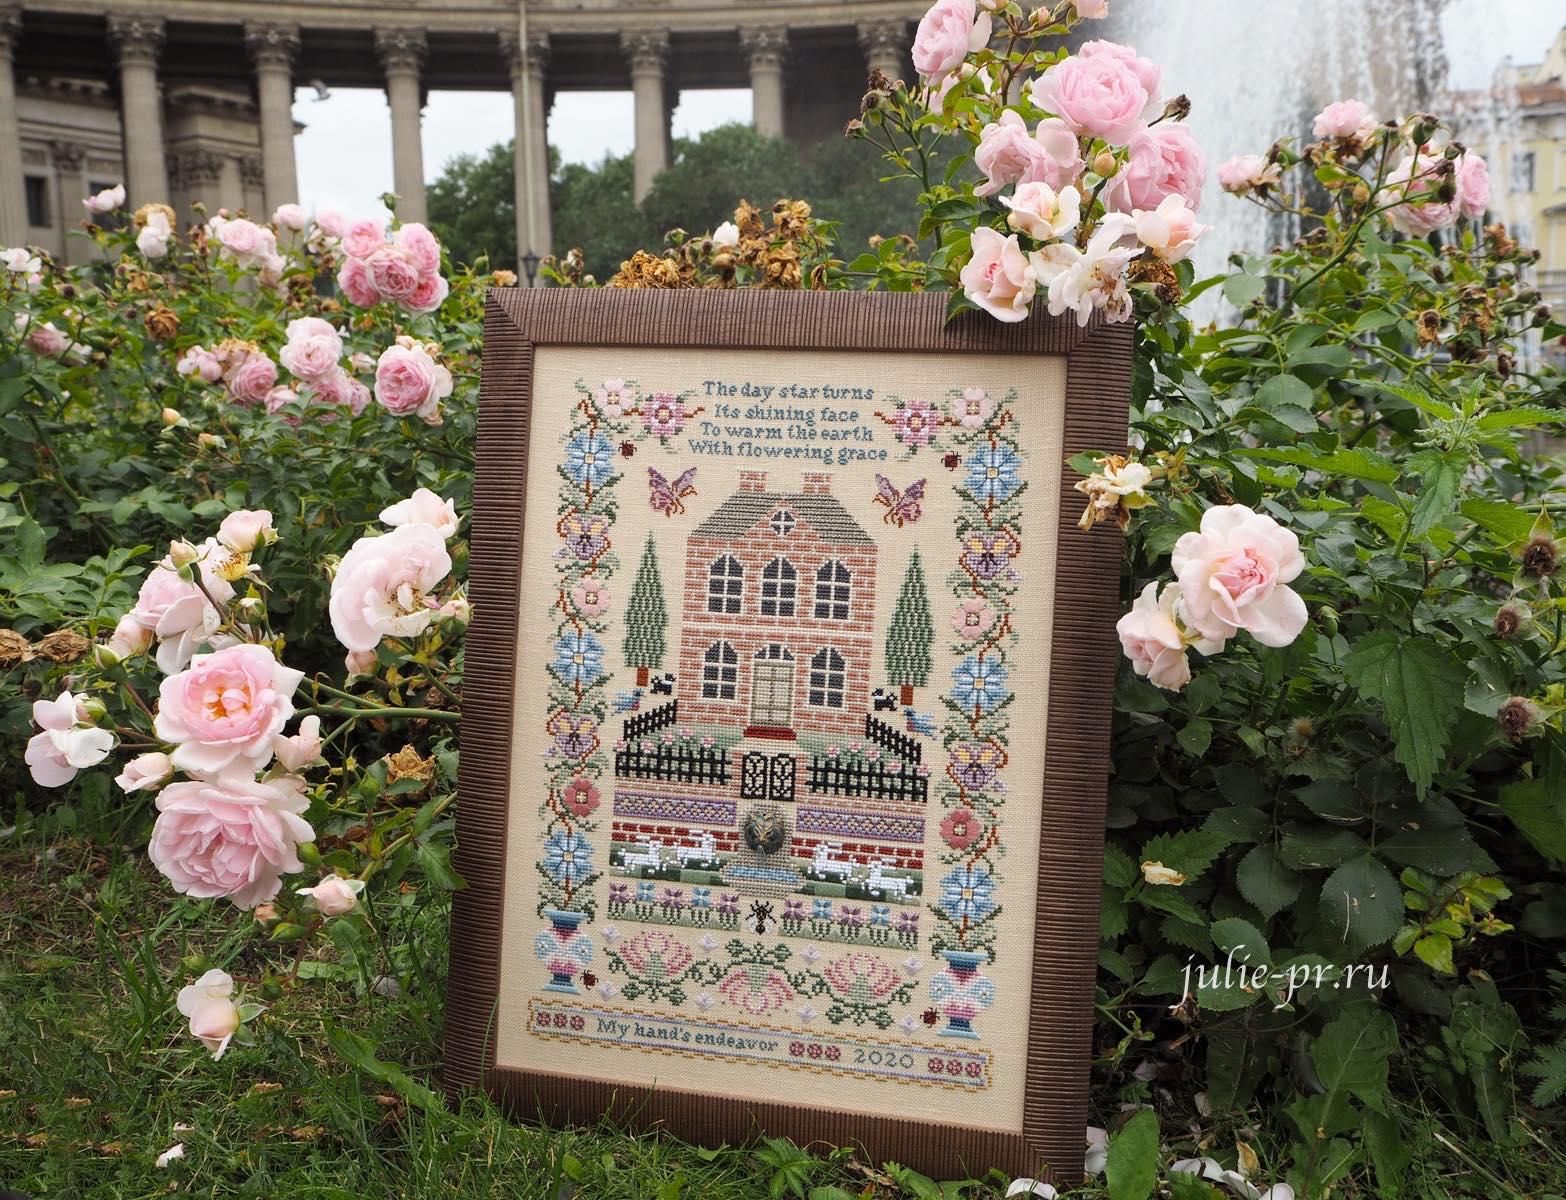 Silkwood Manor, Just Nan, вышивка крестом, вышивка шовчиками, оформление в рамку, Казанский собор